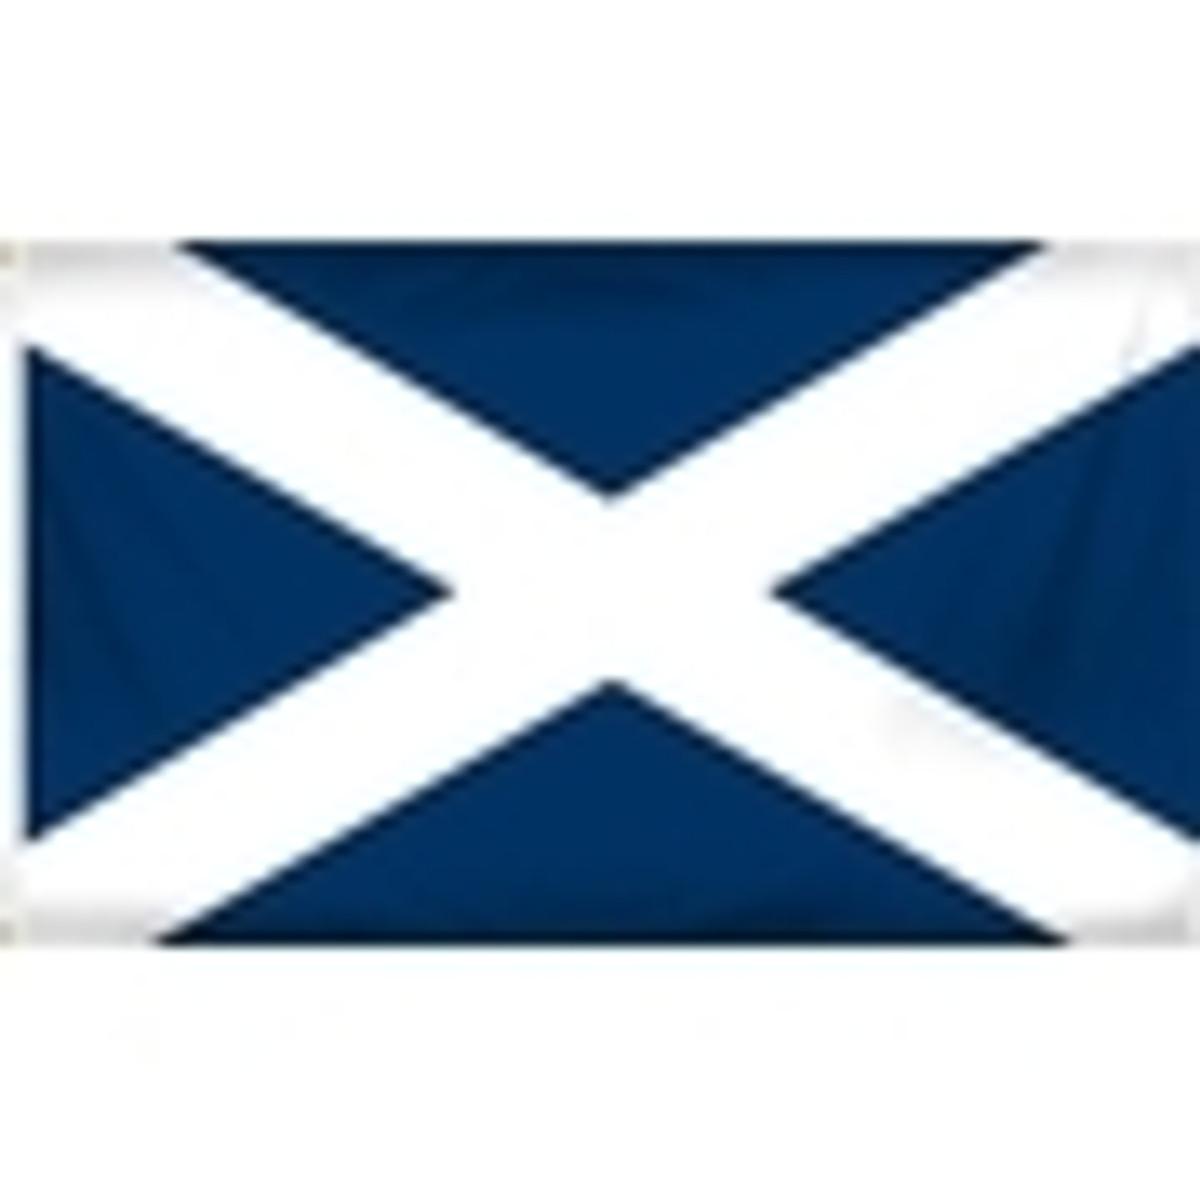 Scotland Flag - St. Andrew's Cross Flag